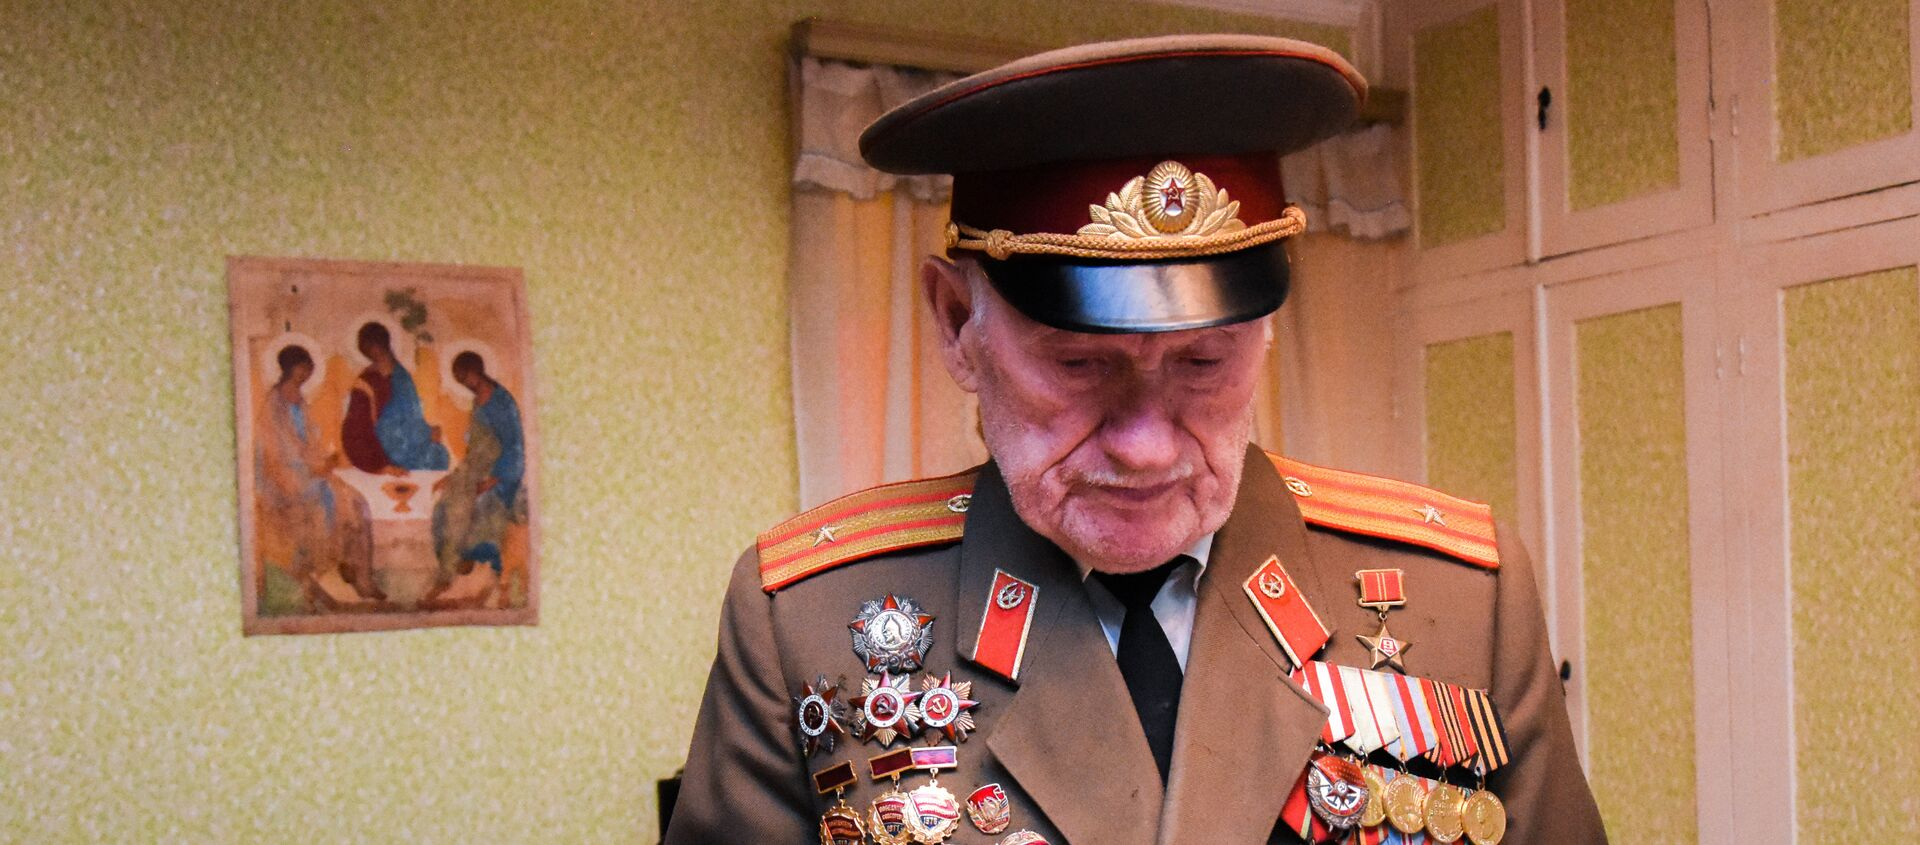 Образ Богородицы спас меня во время войны: рассказ ветерана - Sputnik Грузия, 1920, 06.05.2017